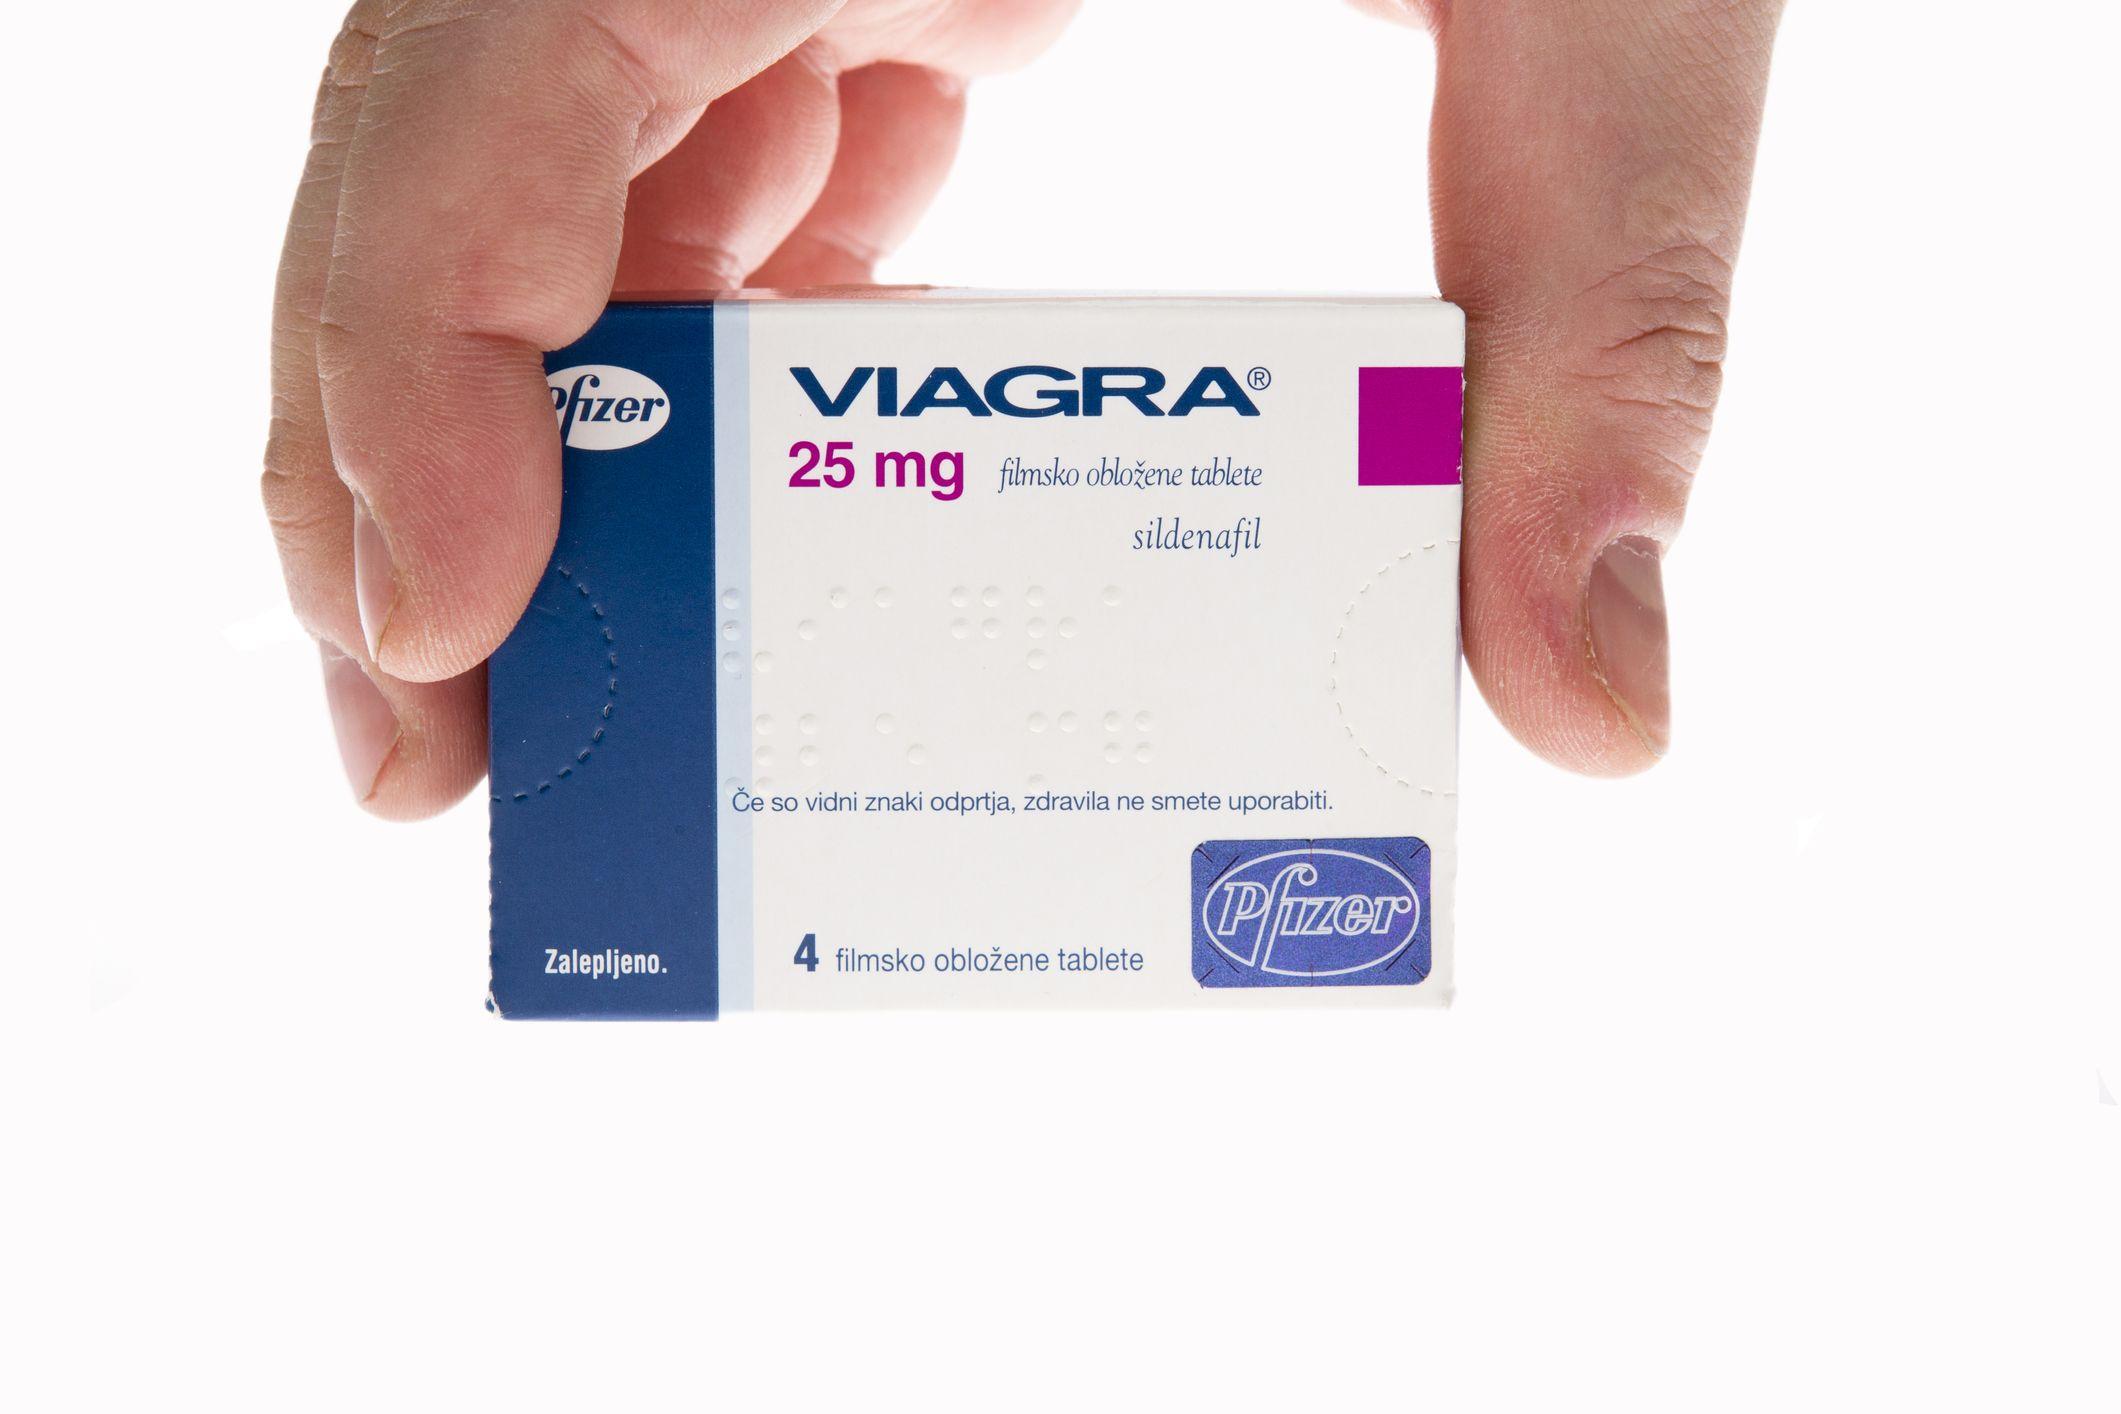 használhatja a Viagrát magas vérnyomás esetén